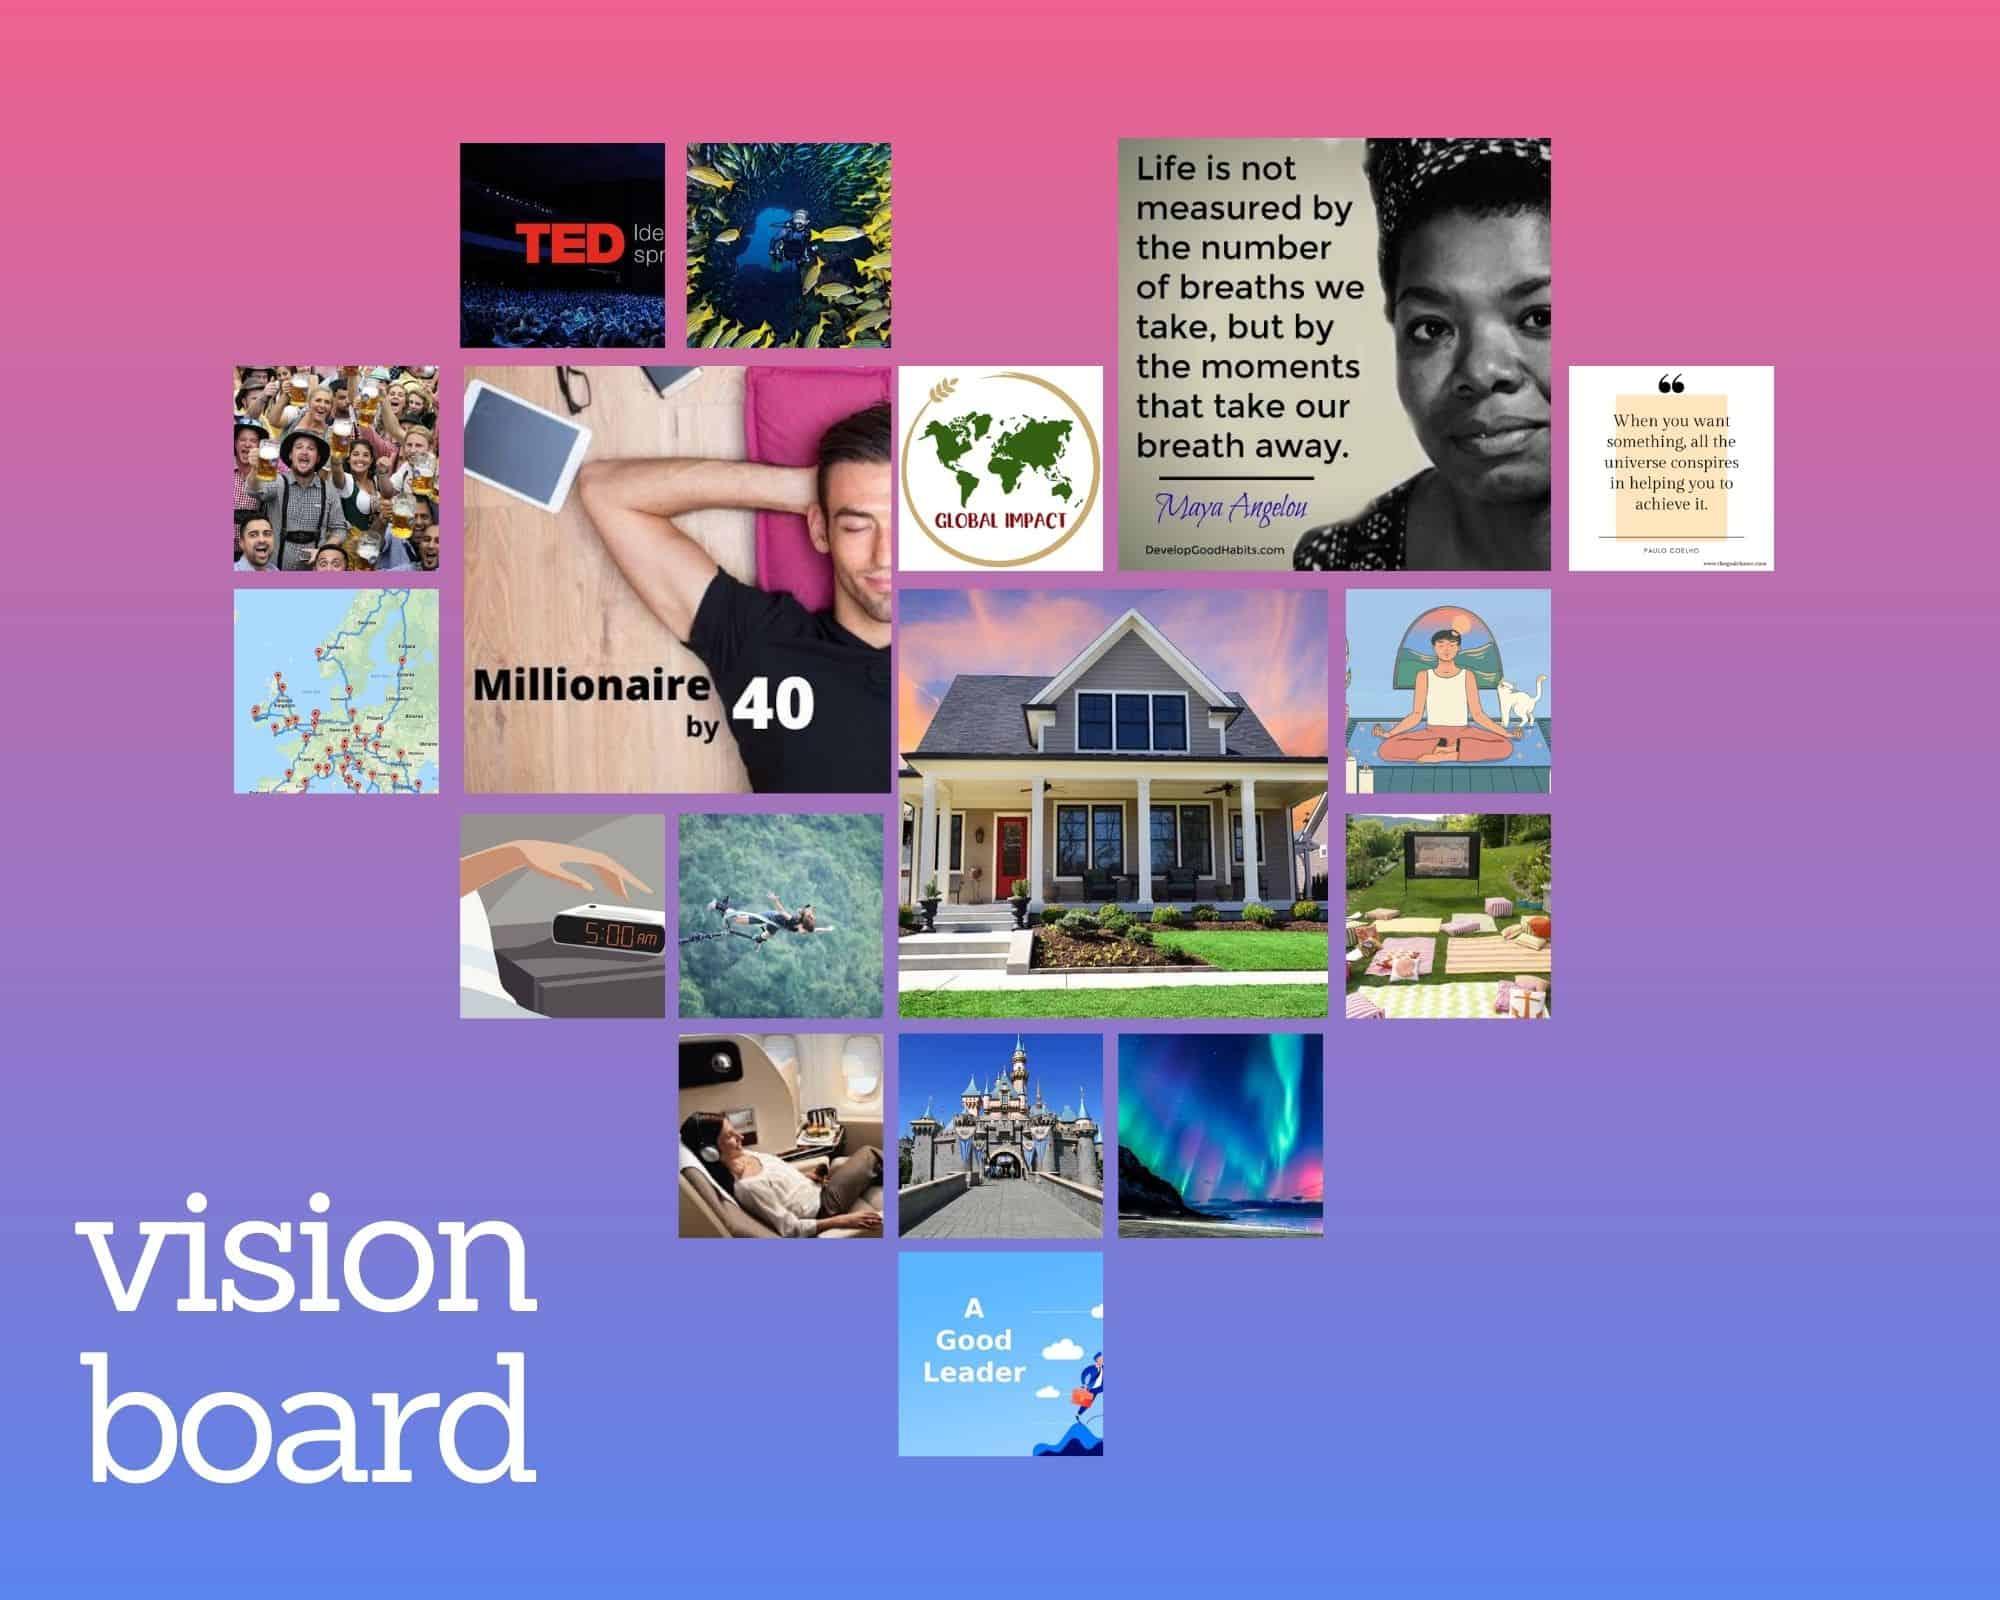 A vision board